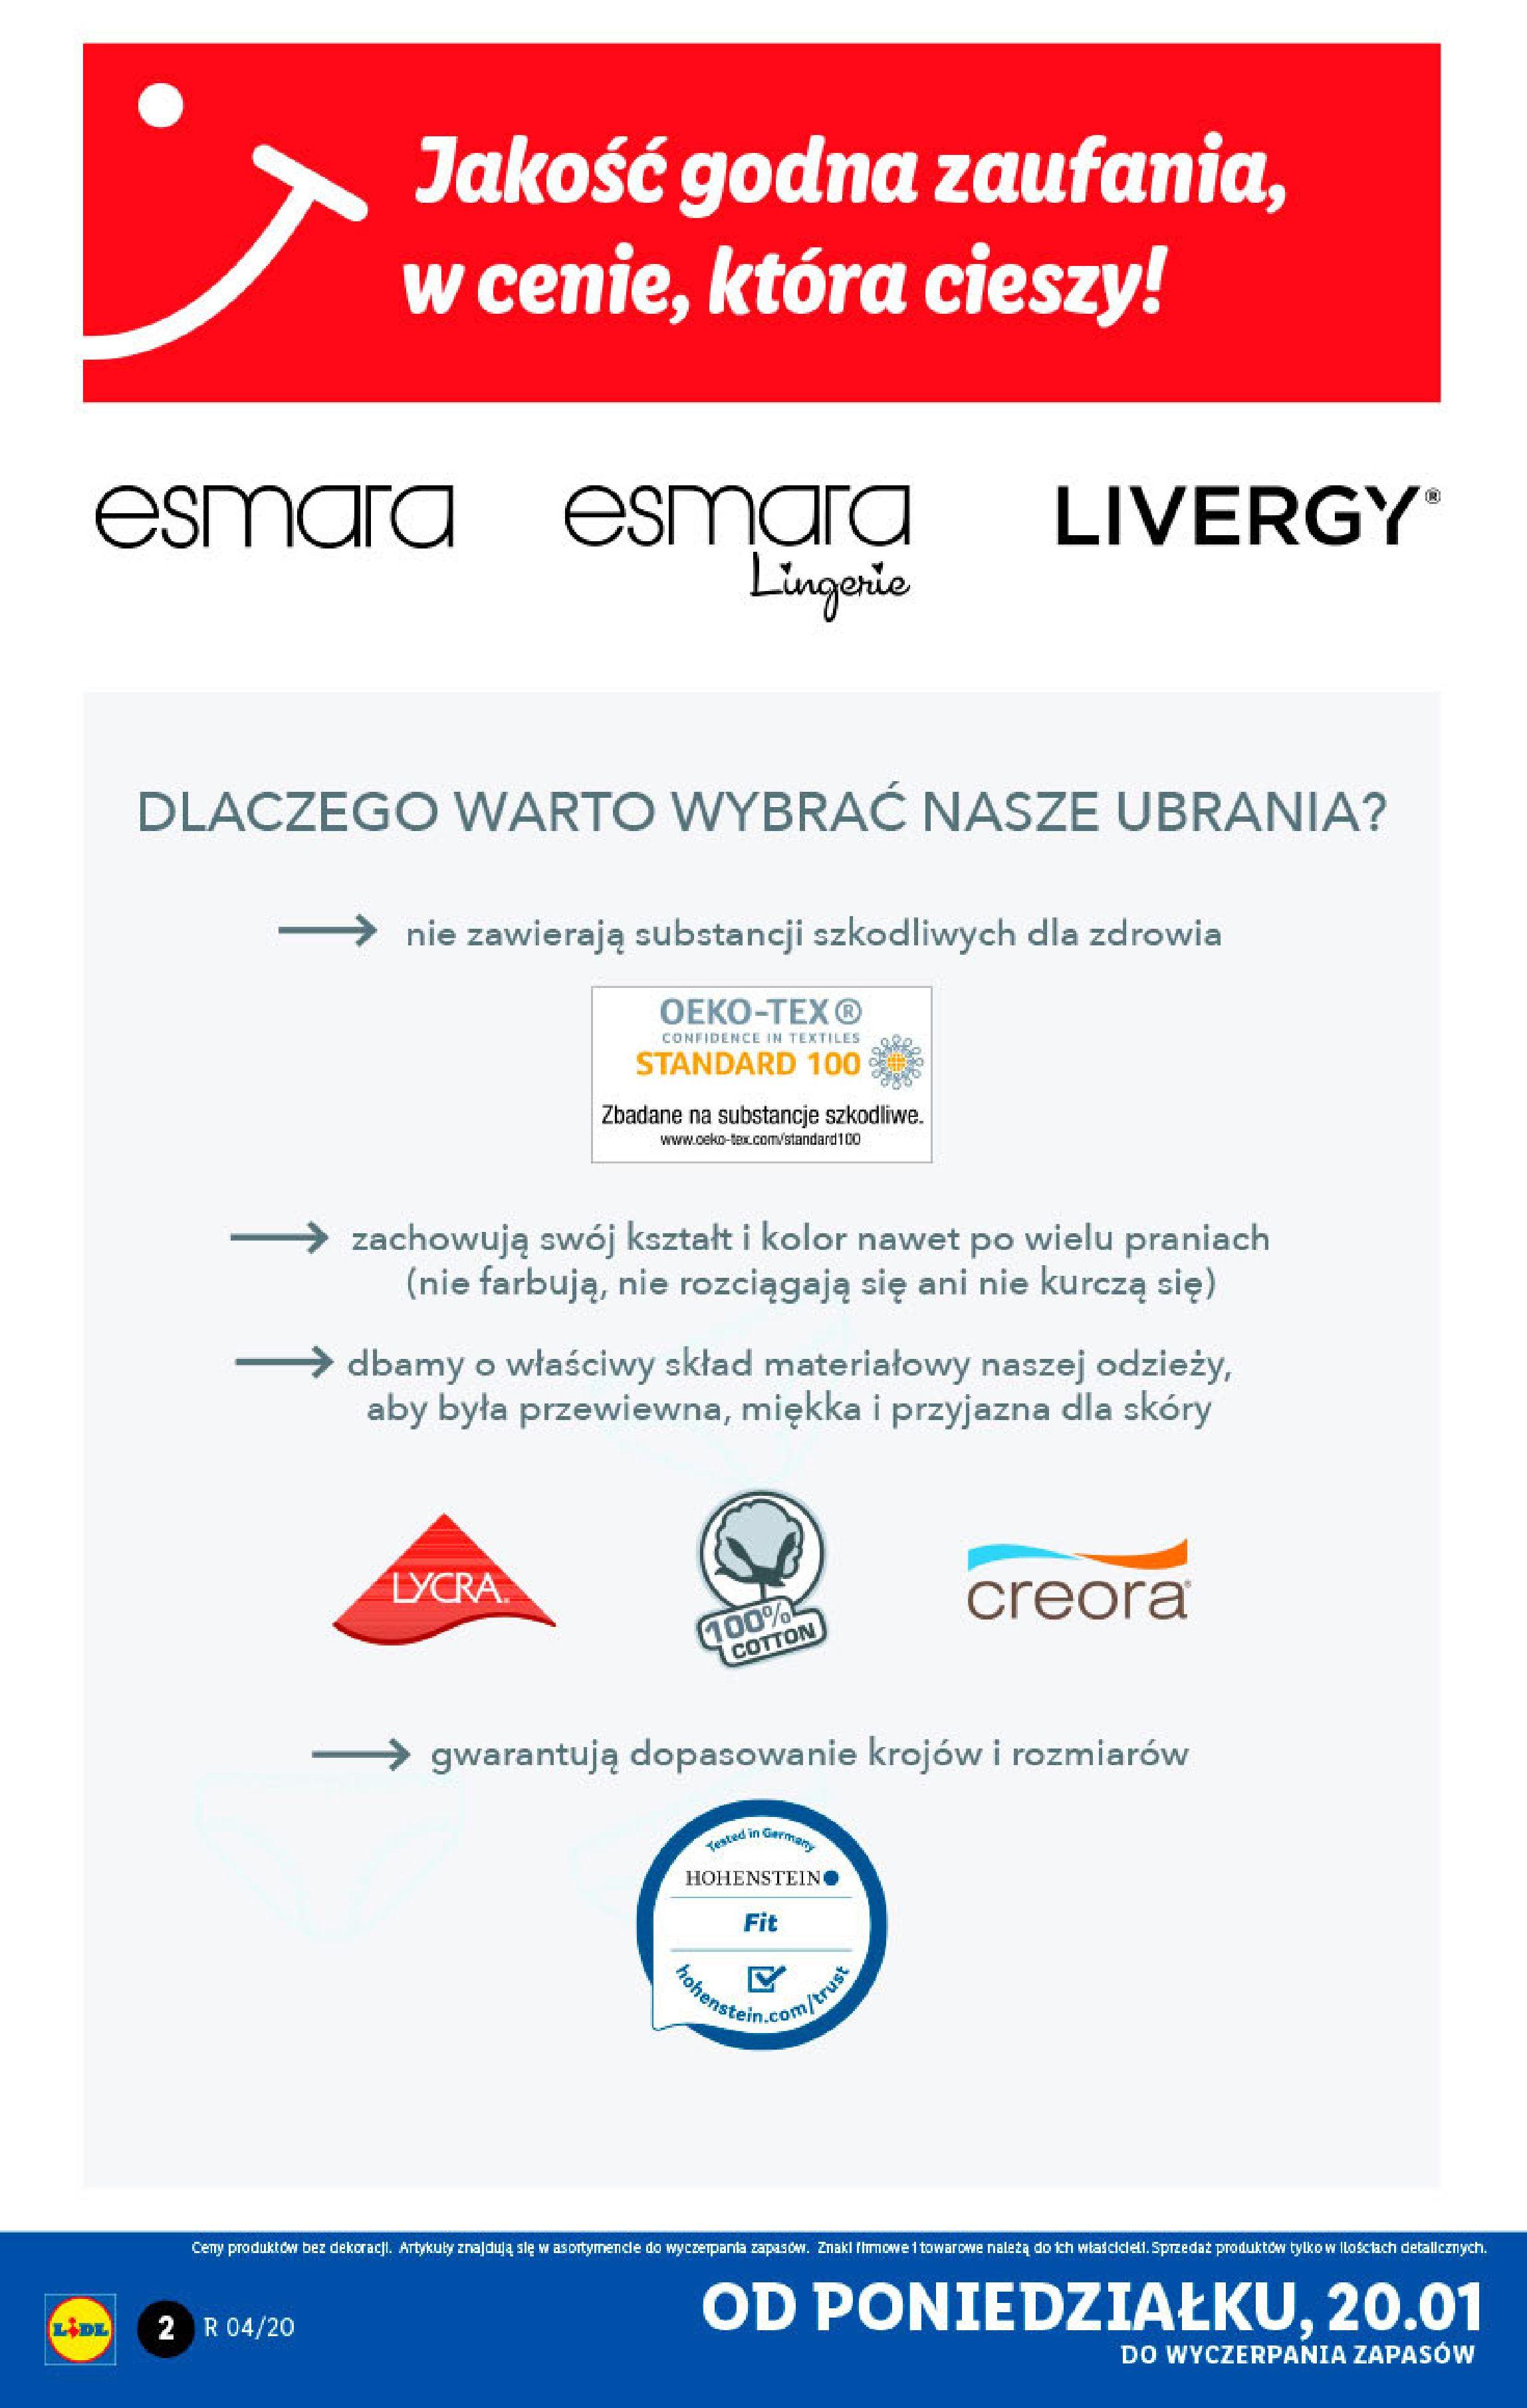 Gazetka Lidl - Katalog od poniedziałku-19.01.2020-26.01.2020-page-2